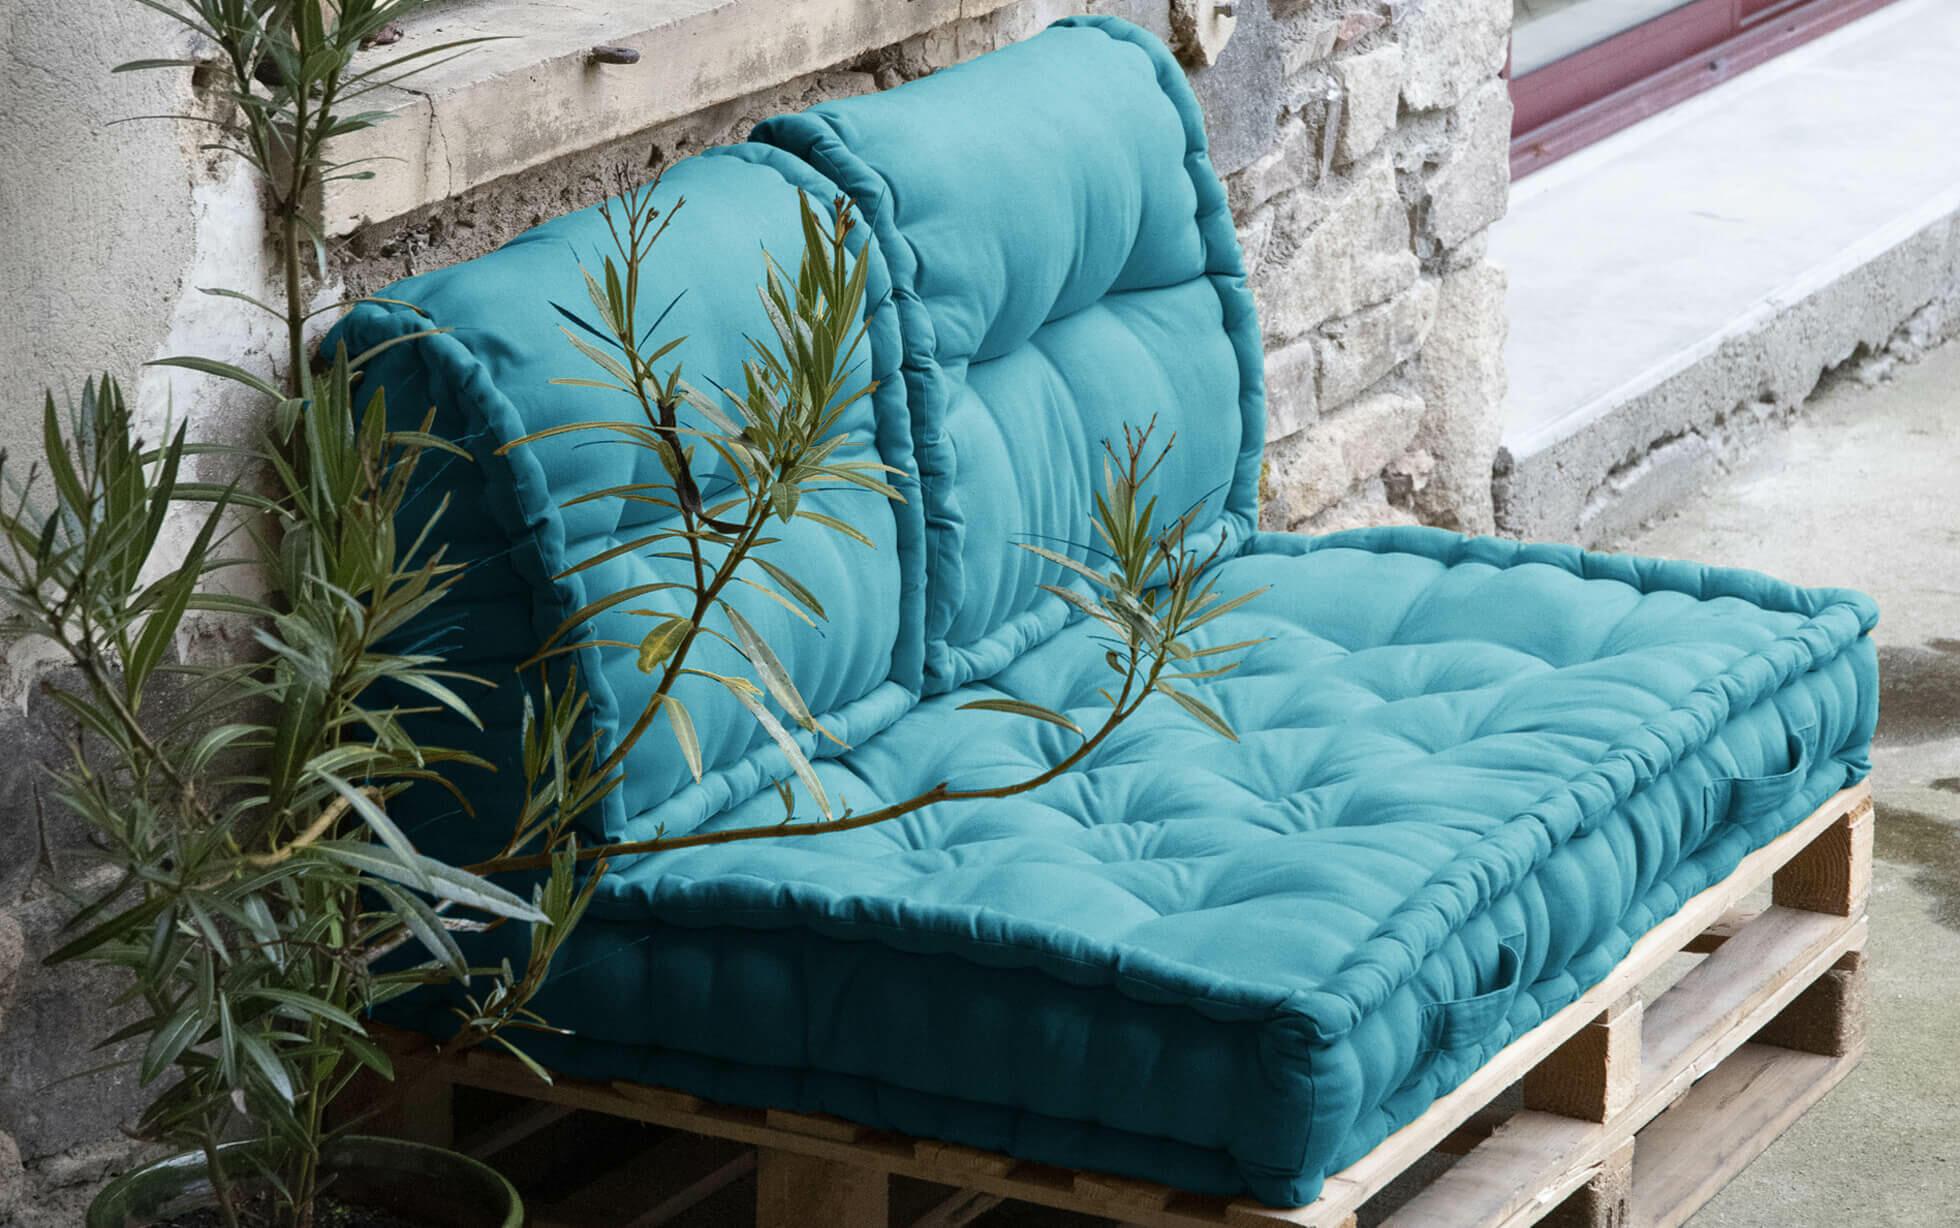 cuscini blu per salotto da giardino in pallet